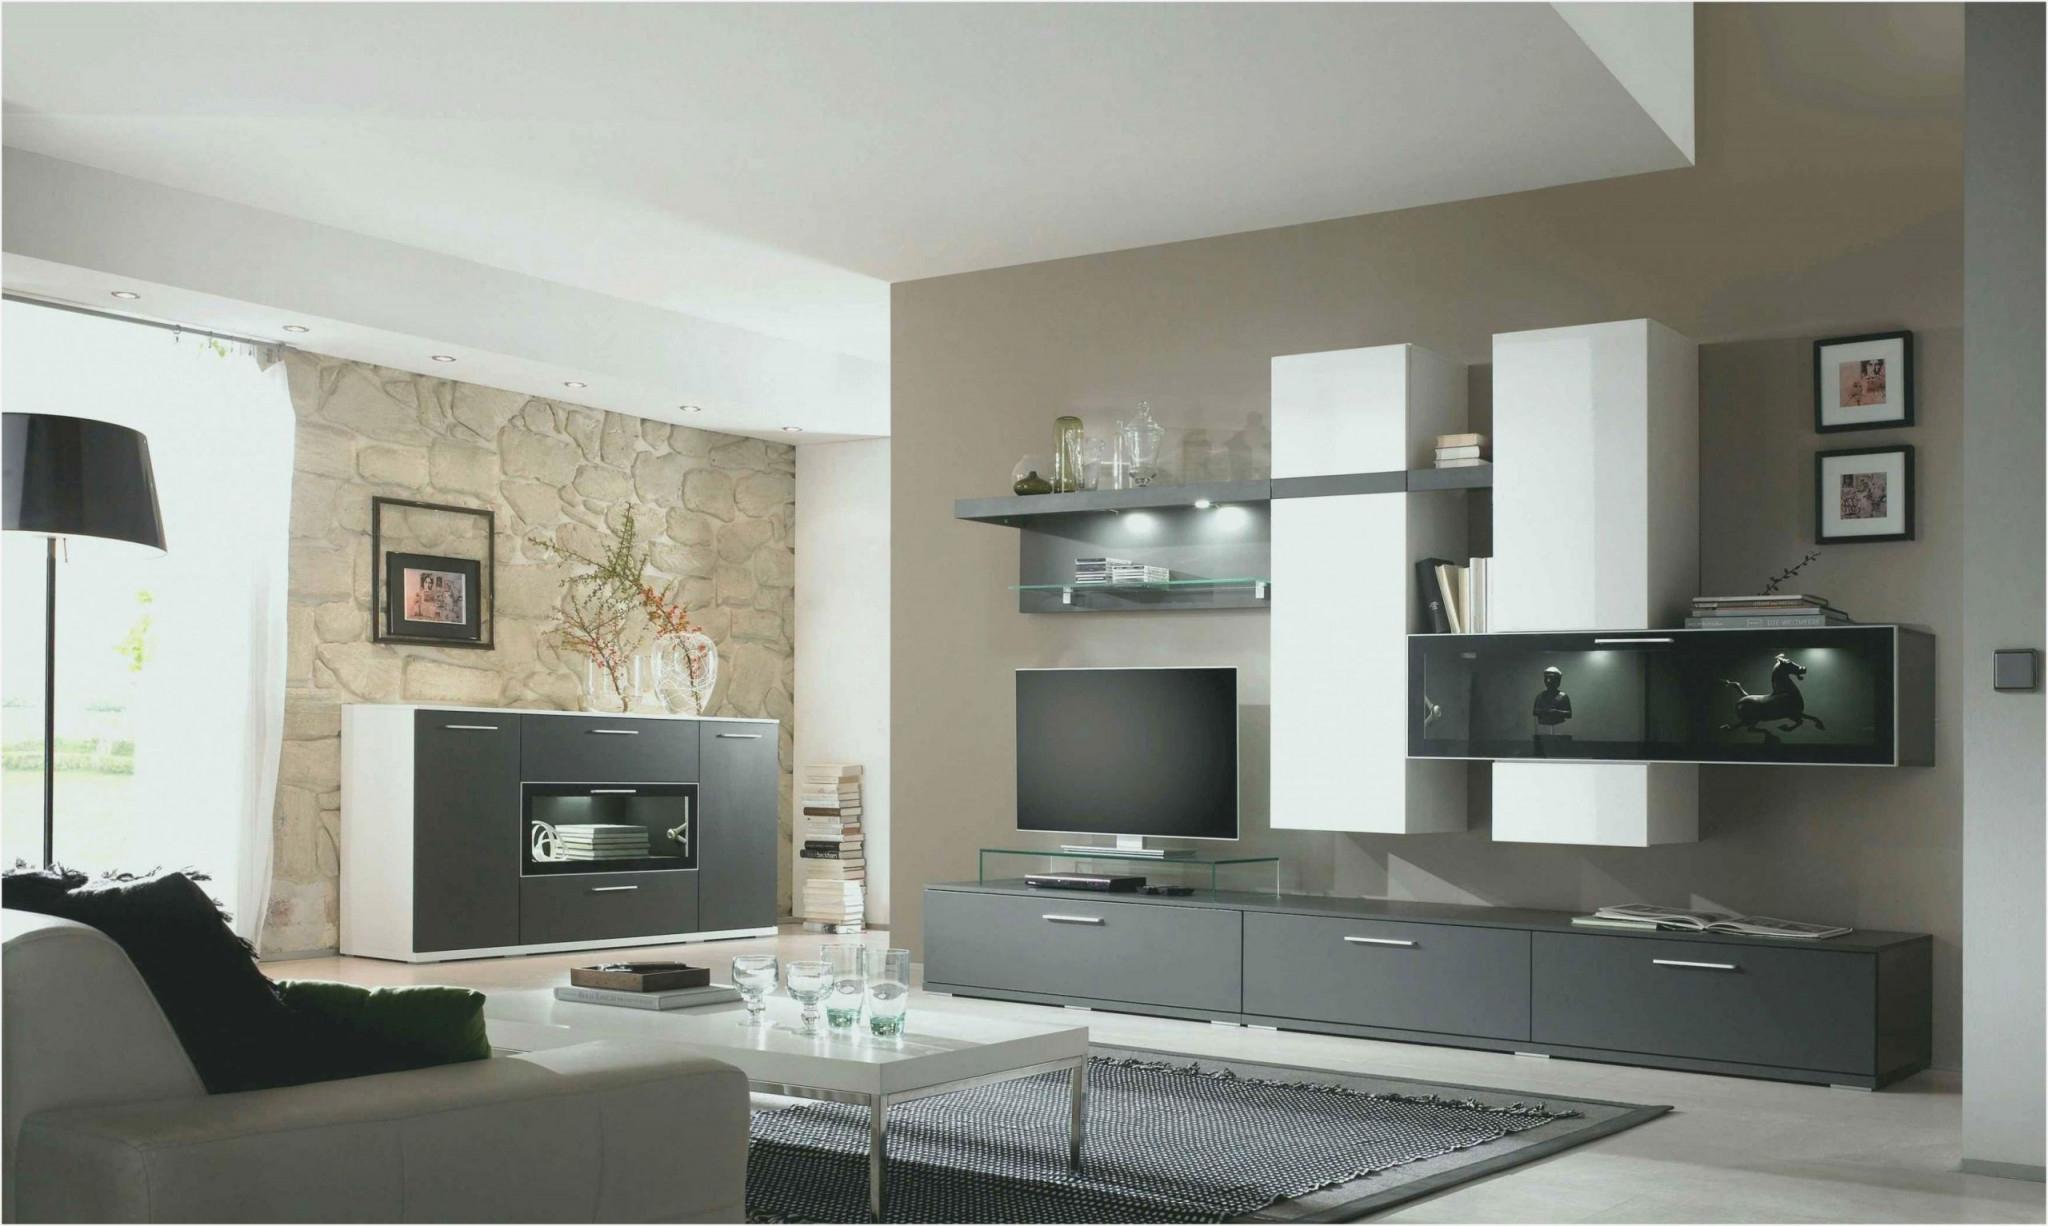 Wohnzimmer Ideen Gelb Grau – Caseconrad von Wohnzimmer Grau Ideen Bild